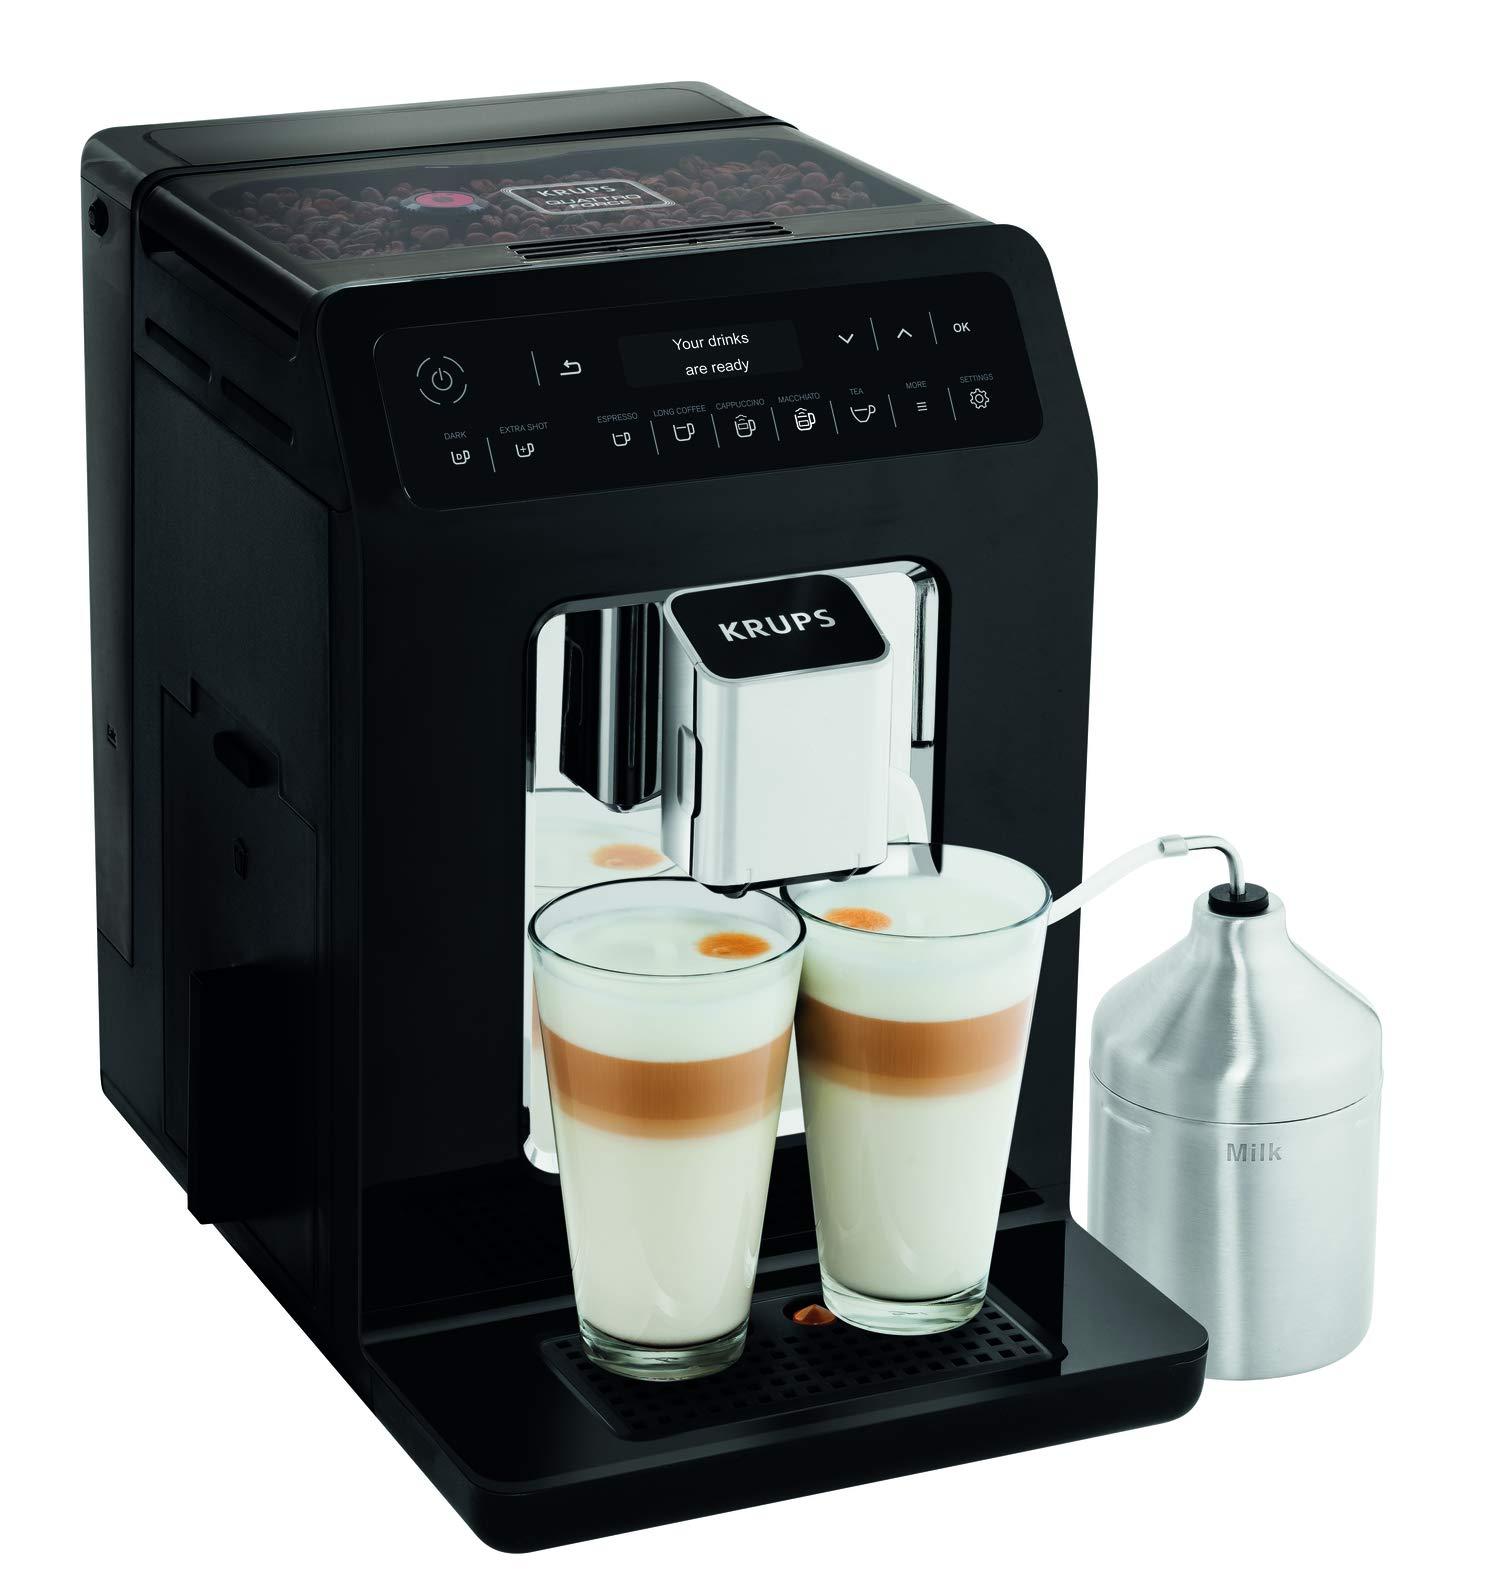 Krups Evidence Espresso EA8918 - Cafetera Superautomática 15 Bares, 15 Preajustes, Niveles de Intensidad, Molido Grano, Autolimpieza y Descalcificación e Incluye Jarra de Leche: 643.55: Amazon.es: Hogar